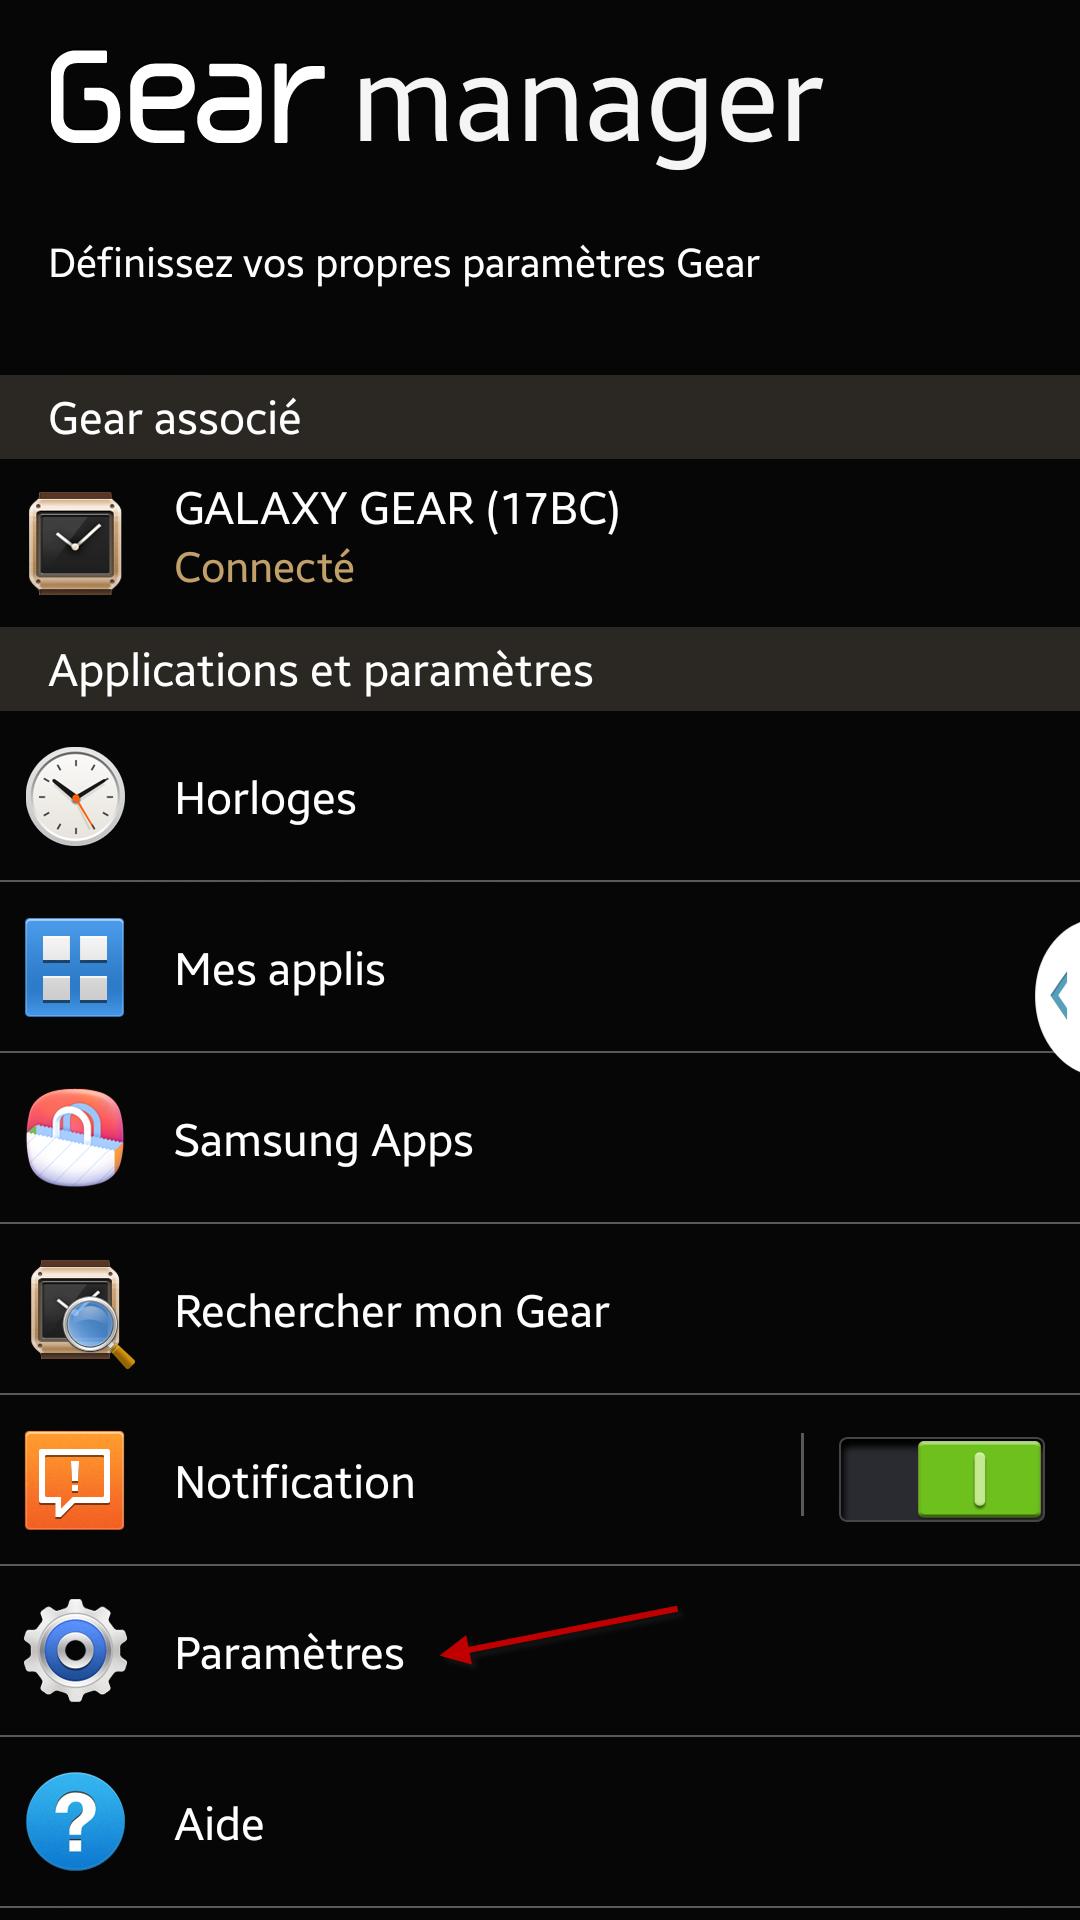 Comment paramétrer l'envoi d'un message d'urgence sur ma montre Galaxy Gear? #GalaxyGearExperience